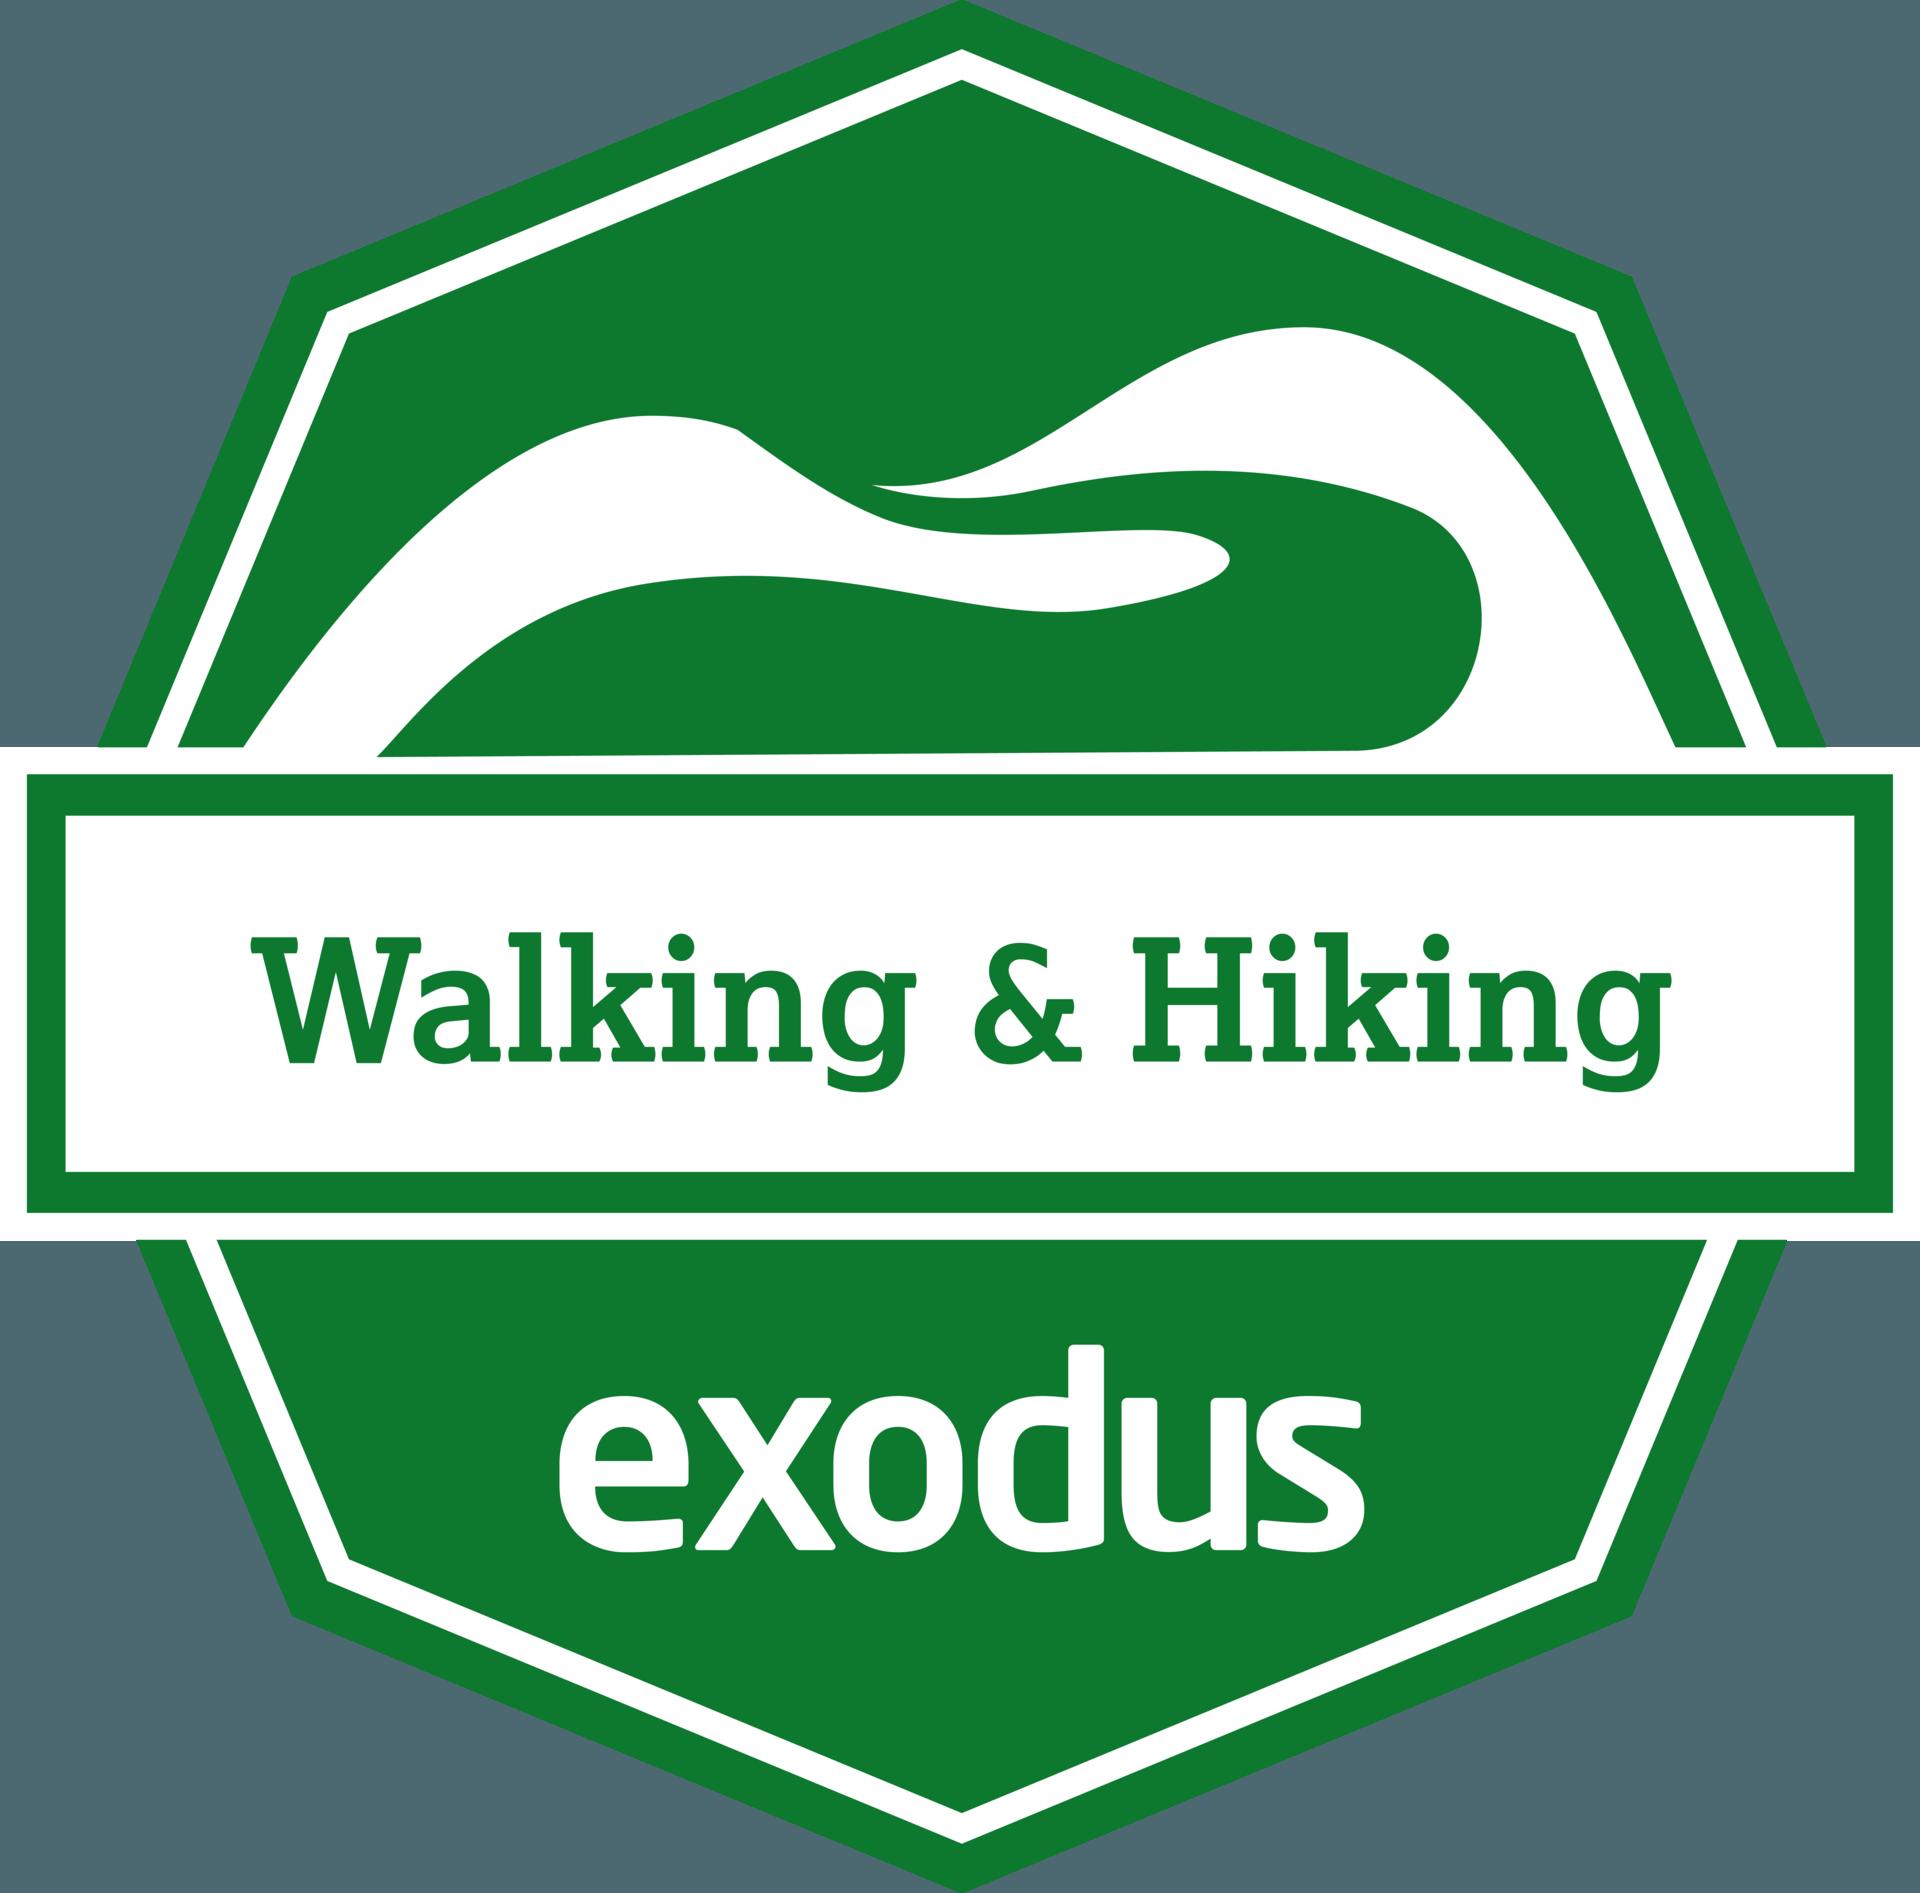 Exodus Walking & Hiking Badge